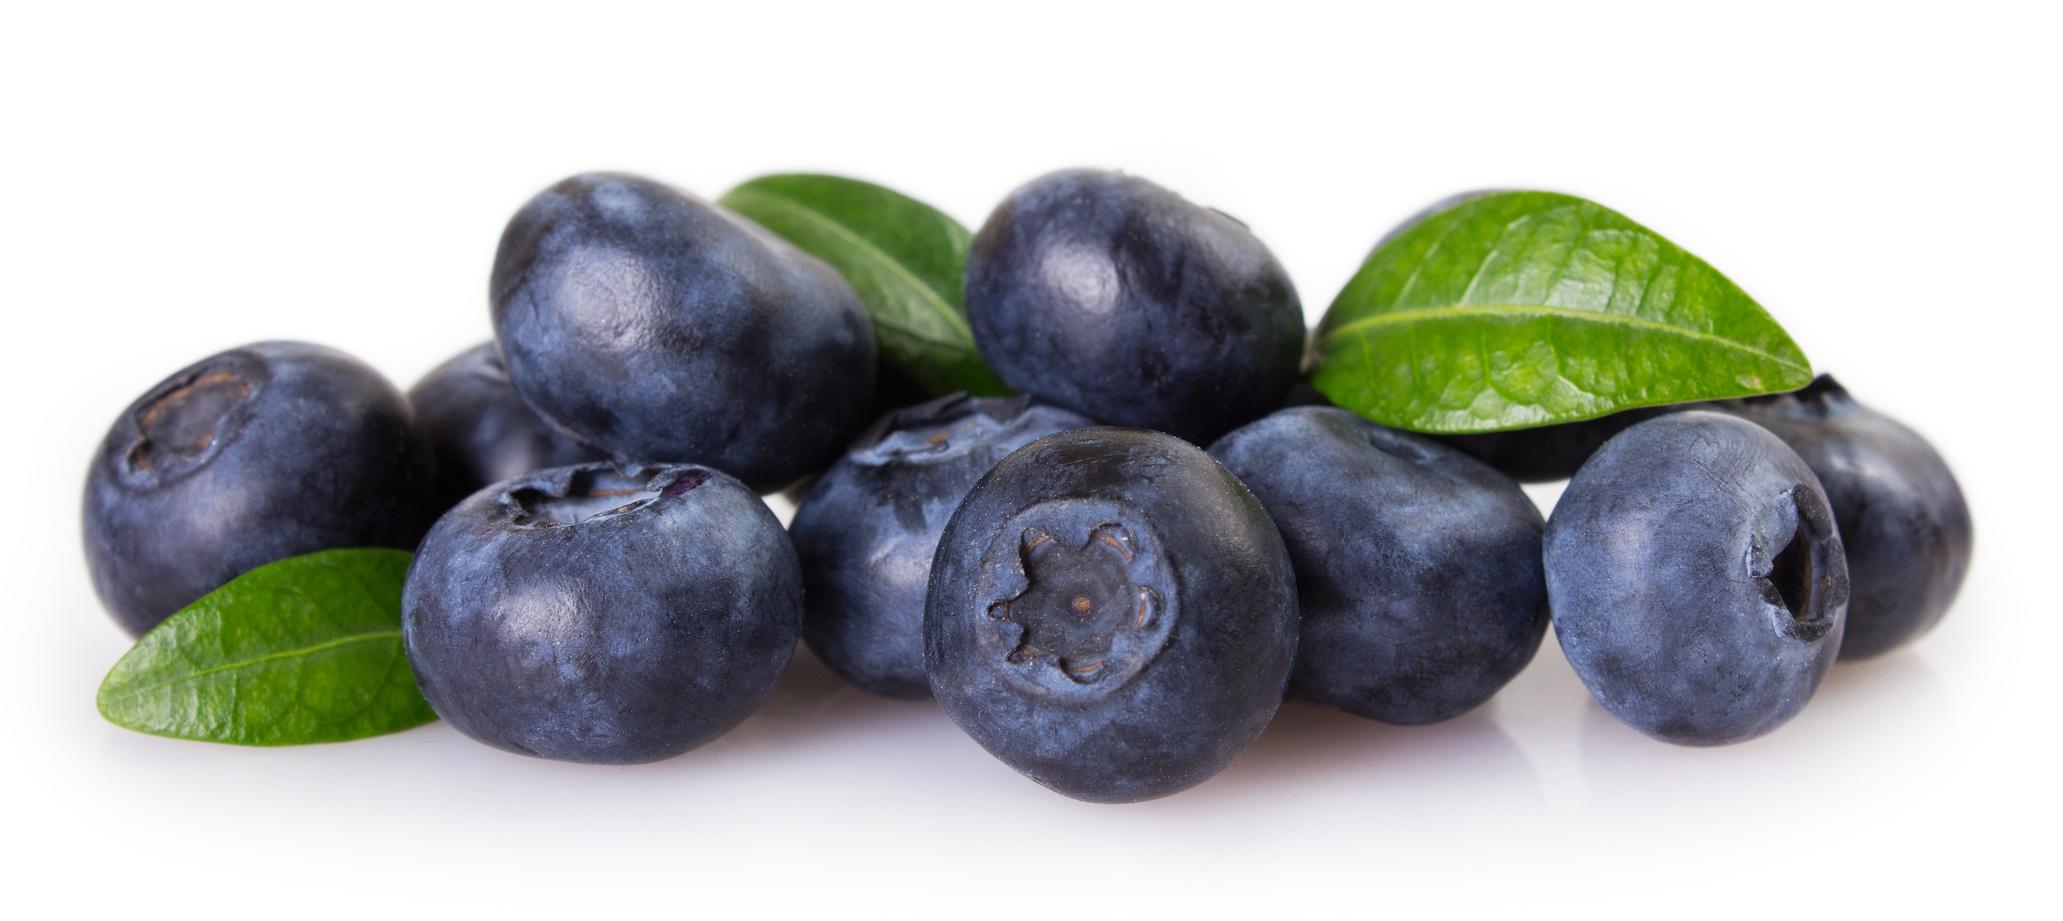 dieta per pulire fegato e pancreas grasso